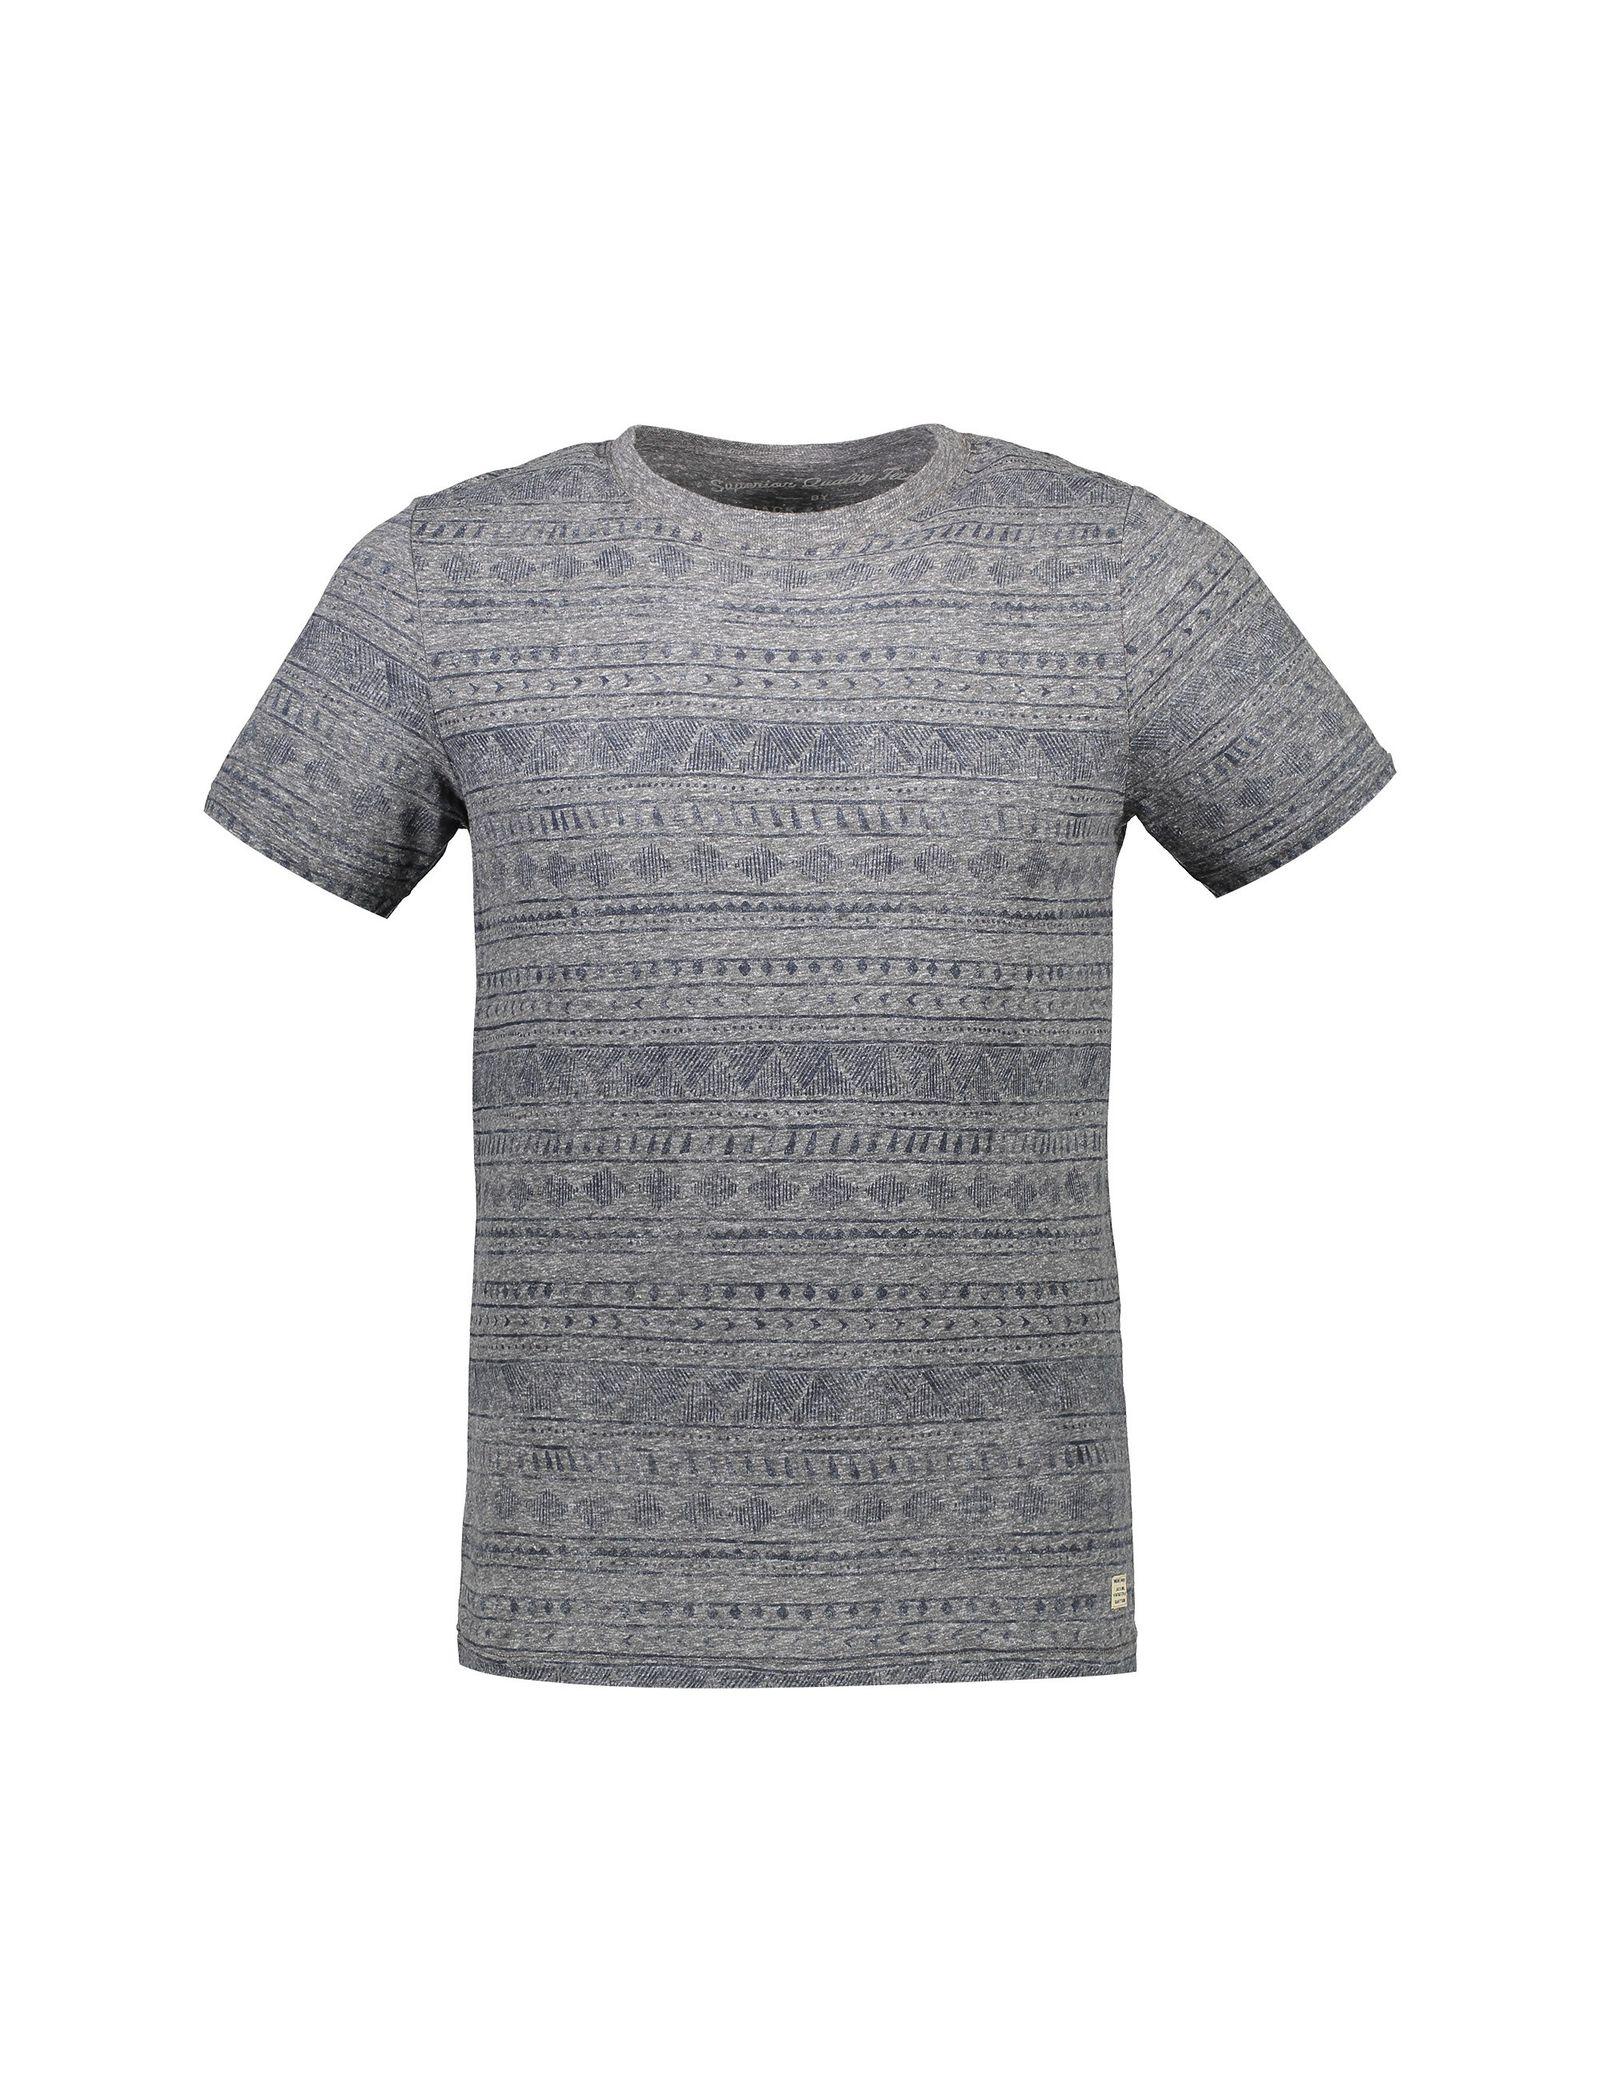 تی شرت نخی یقه گرد مردانه - جک اند جونز - طوسي - 1